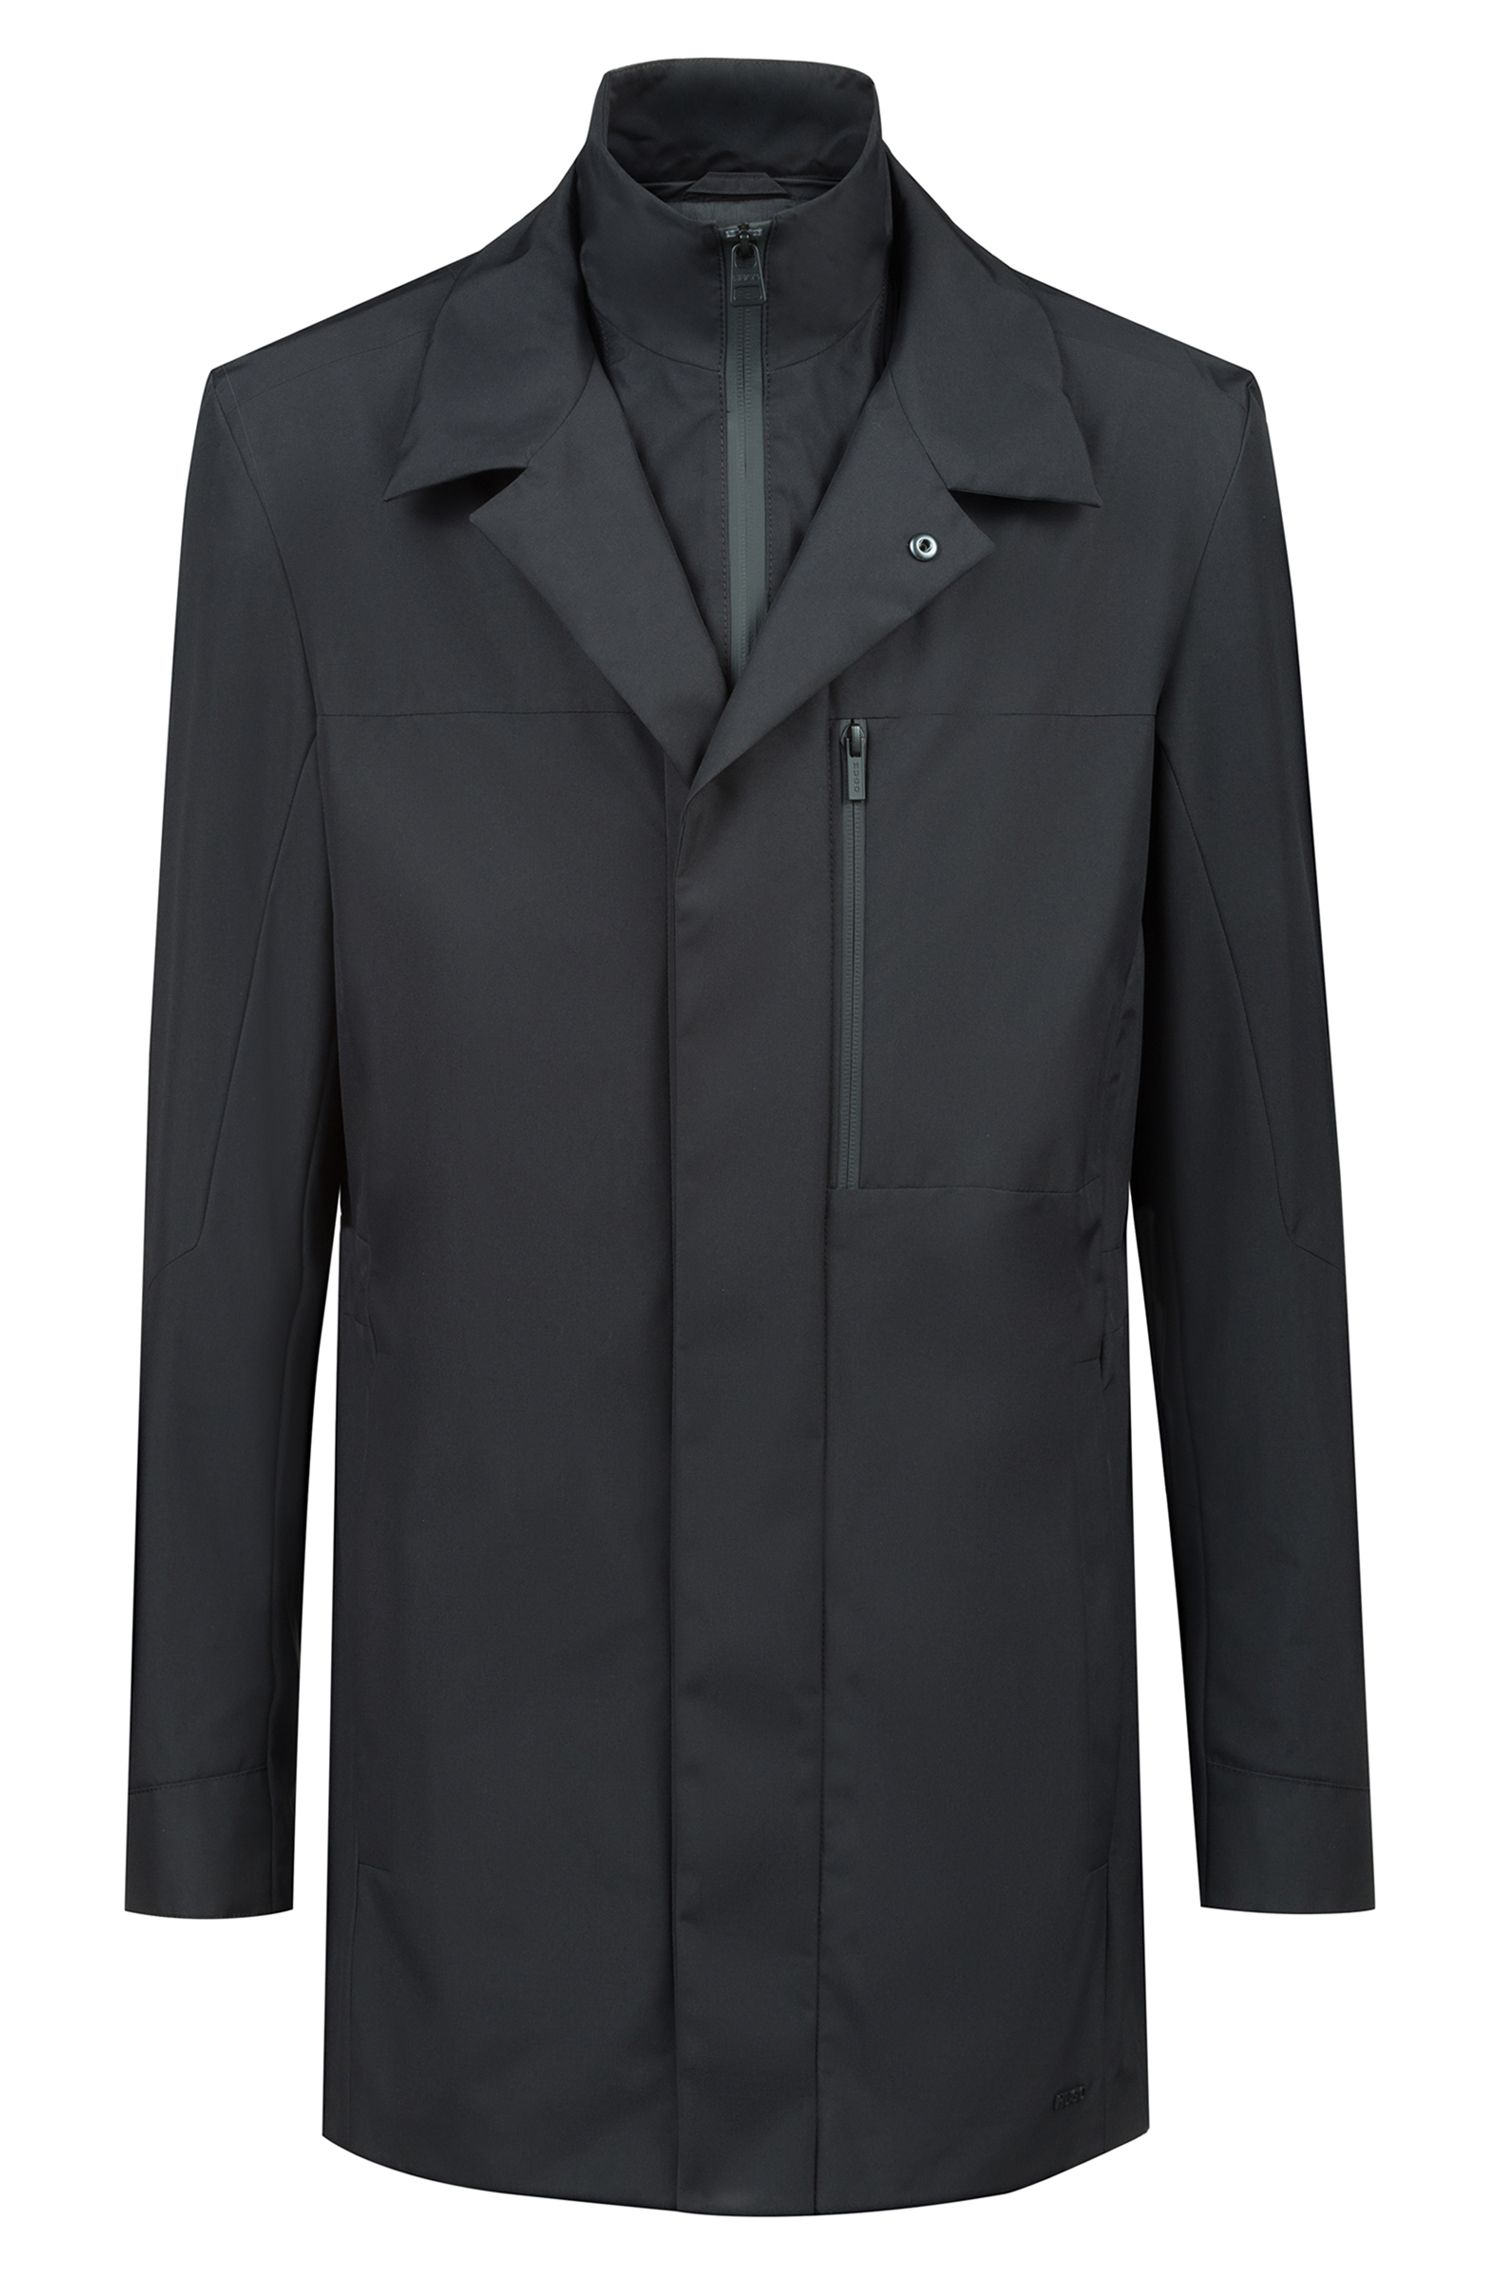 Veste imperméable avec col montant amovible, Noir